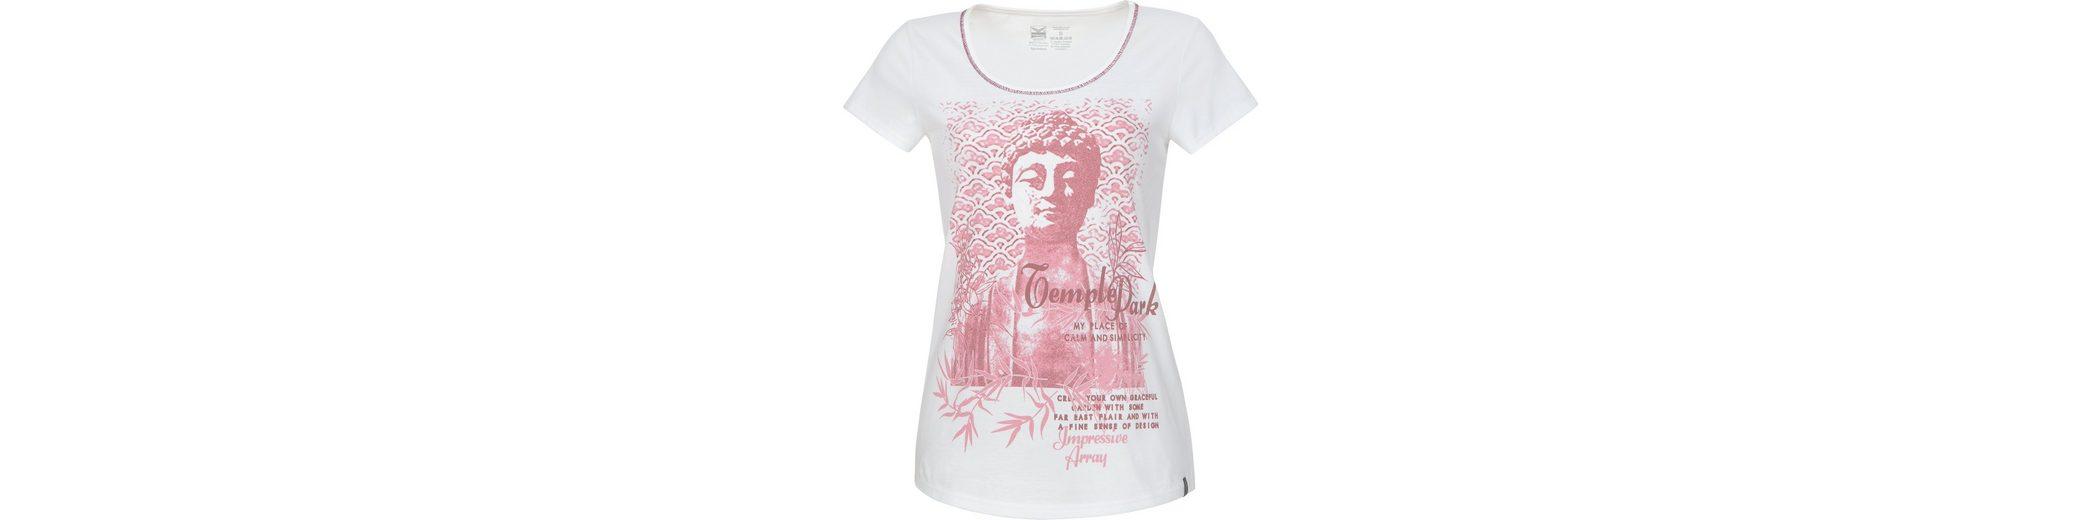 TRIGEMA T-Shirt Buddha Billig Neueste Verkauf Exklusiv Professionel 2018 Unisex Verkauf Online Auslasszwischenraum EF5kdlvJ